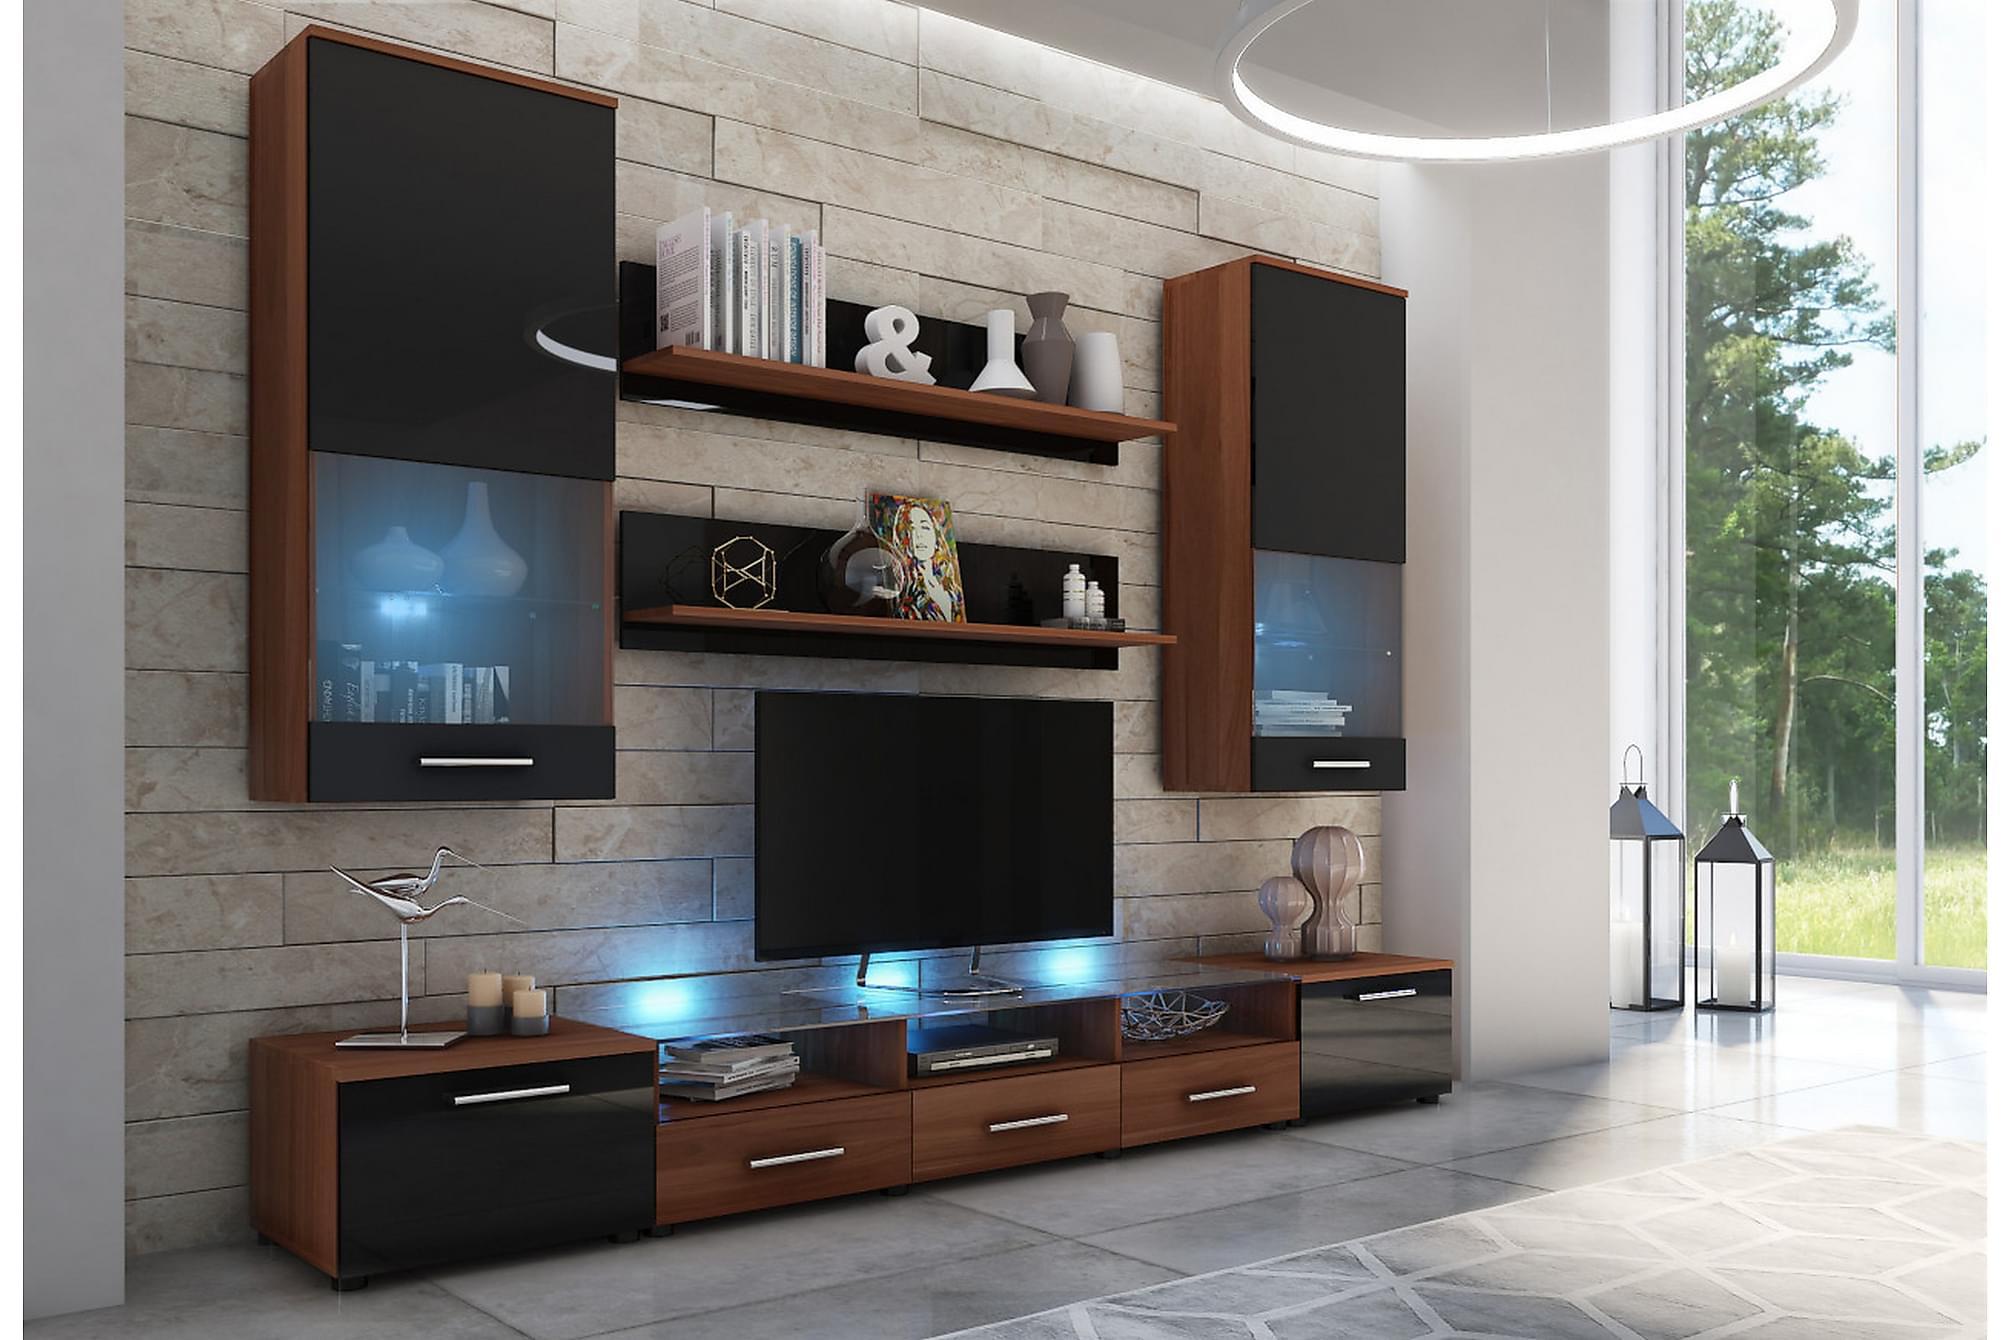 CAMA Vardagsrumsset 42x250 cm Svart Högglans, Möbelset för vardagsrum